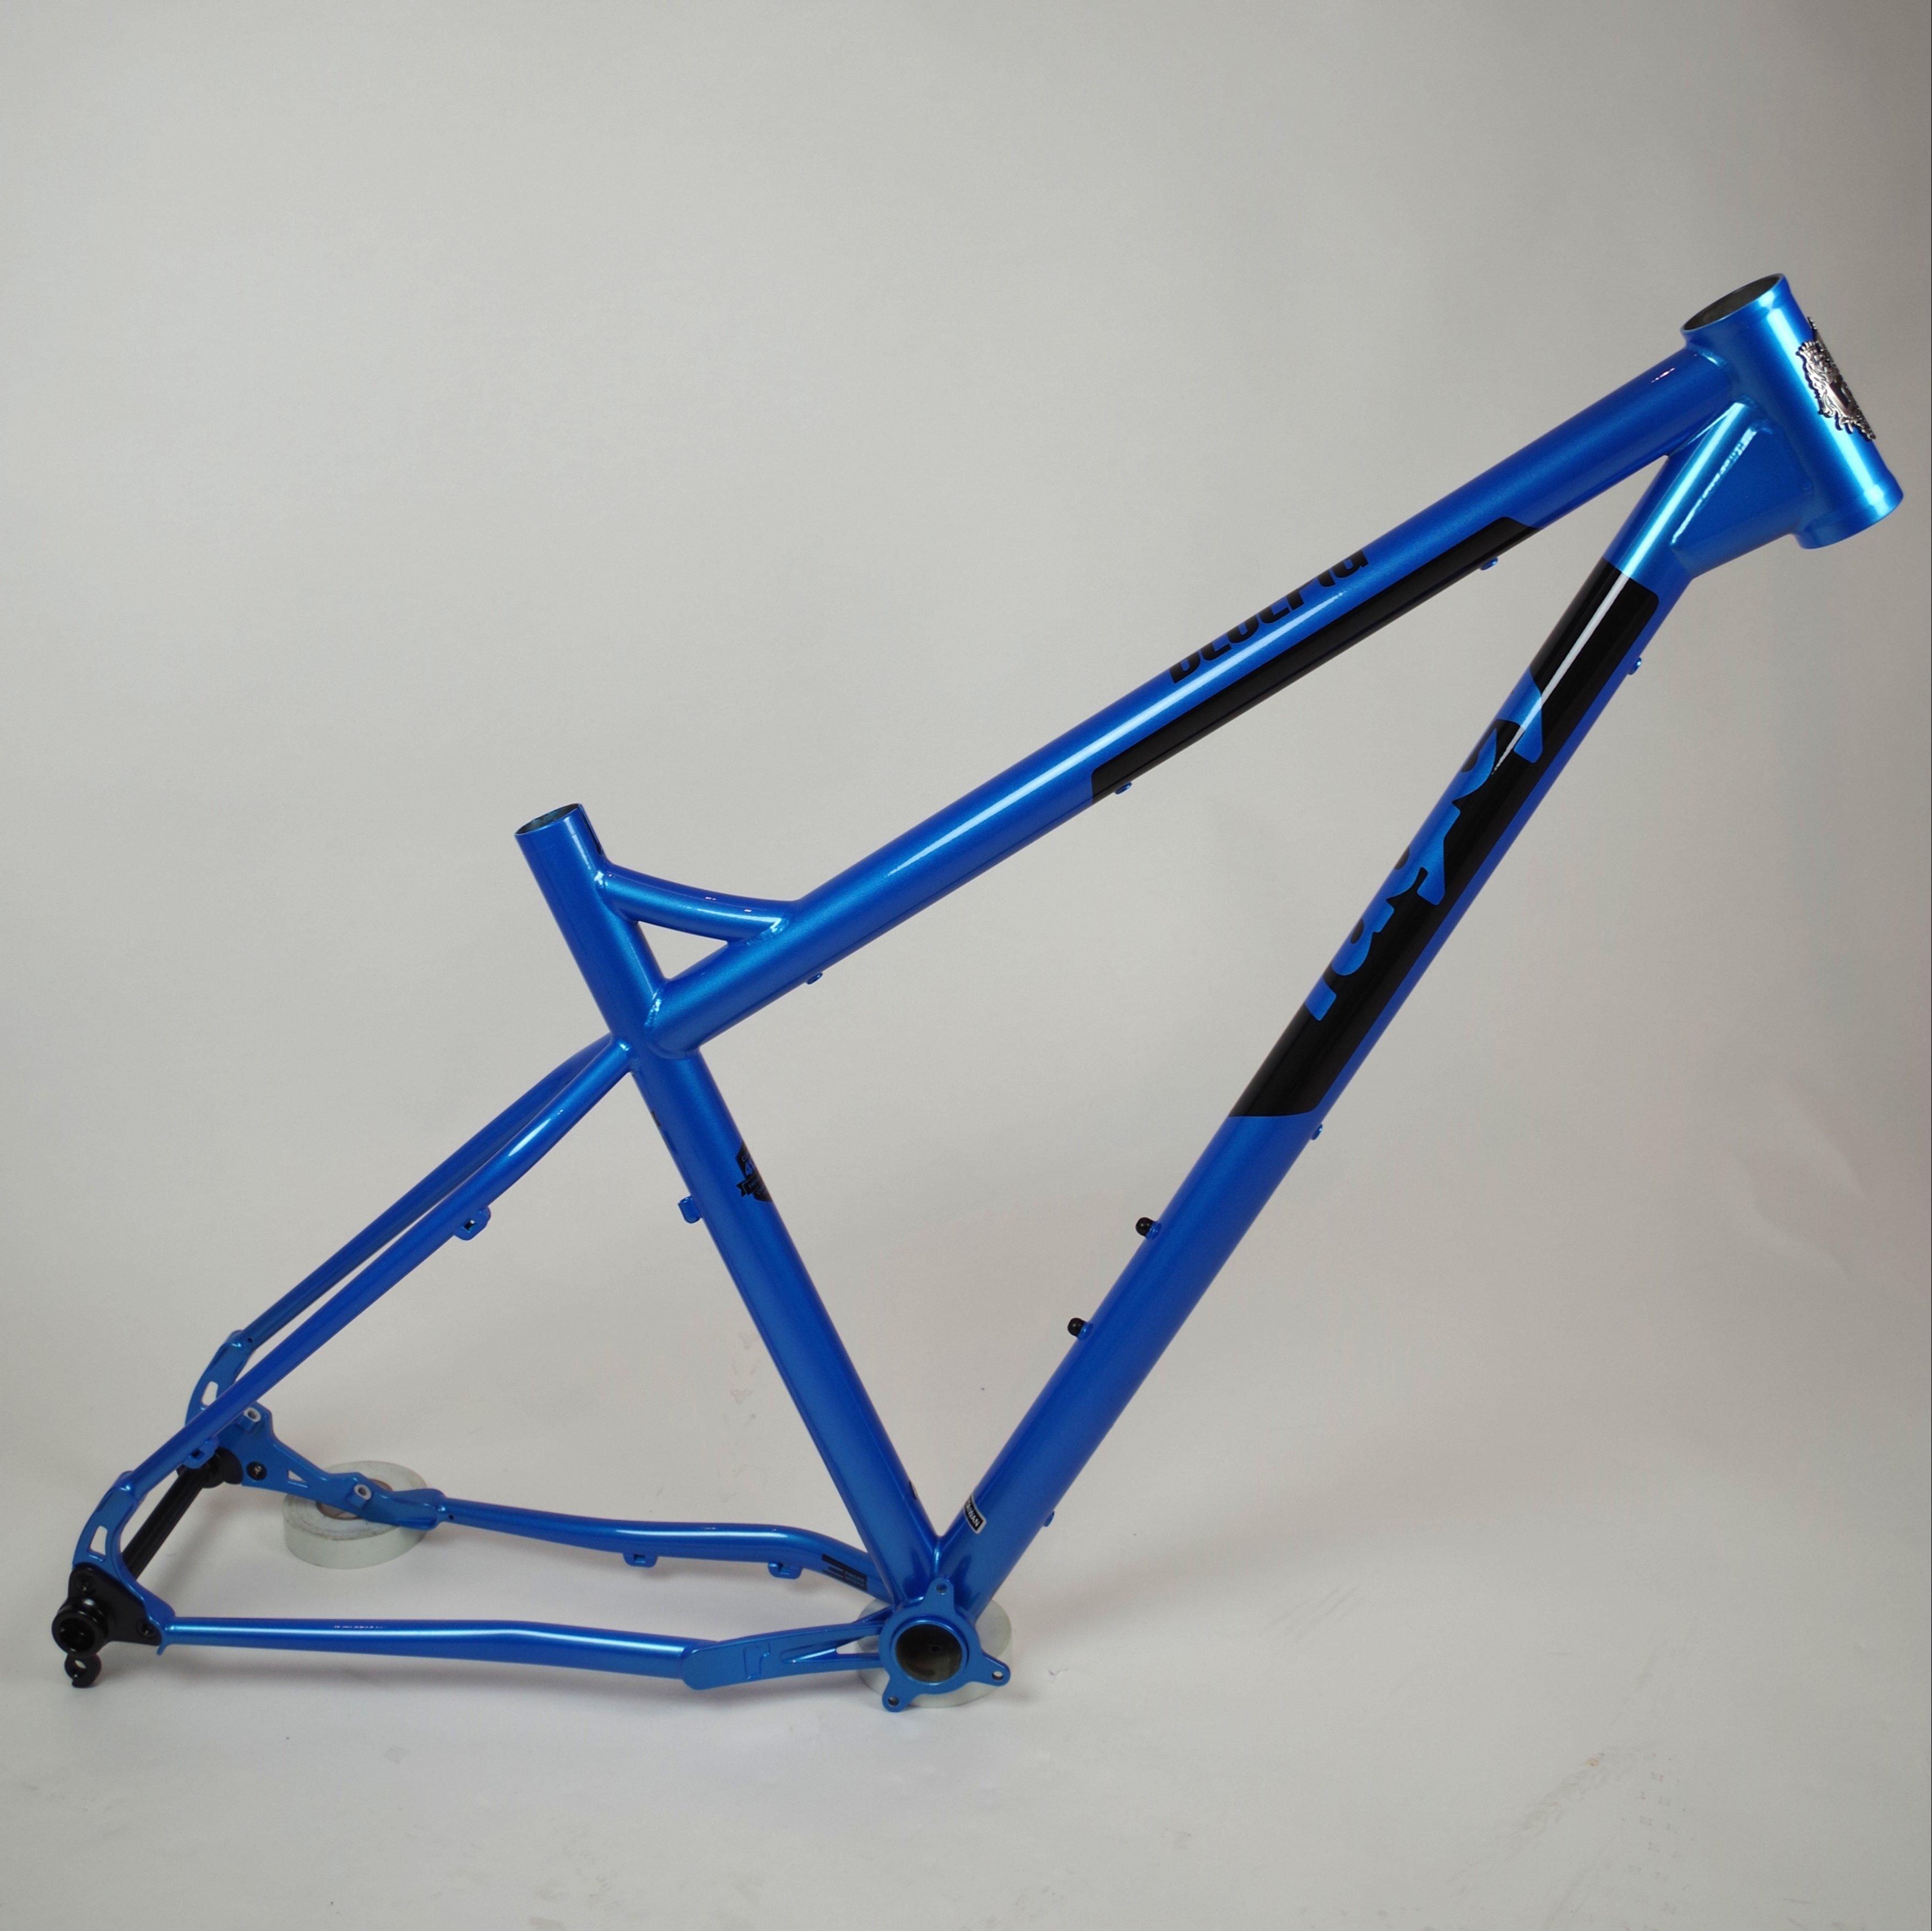 2016 Ragley Blue Pig Frame Blue Black £449.99